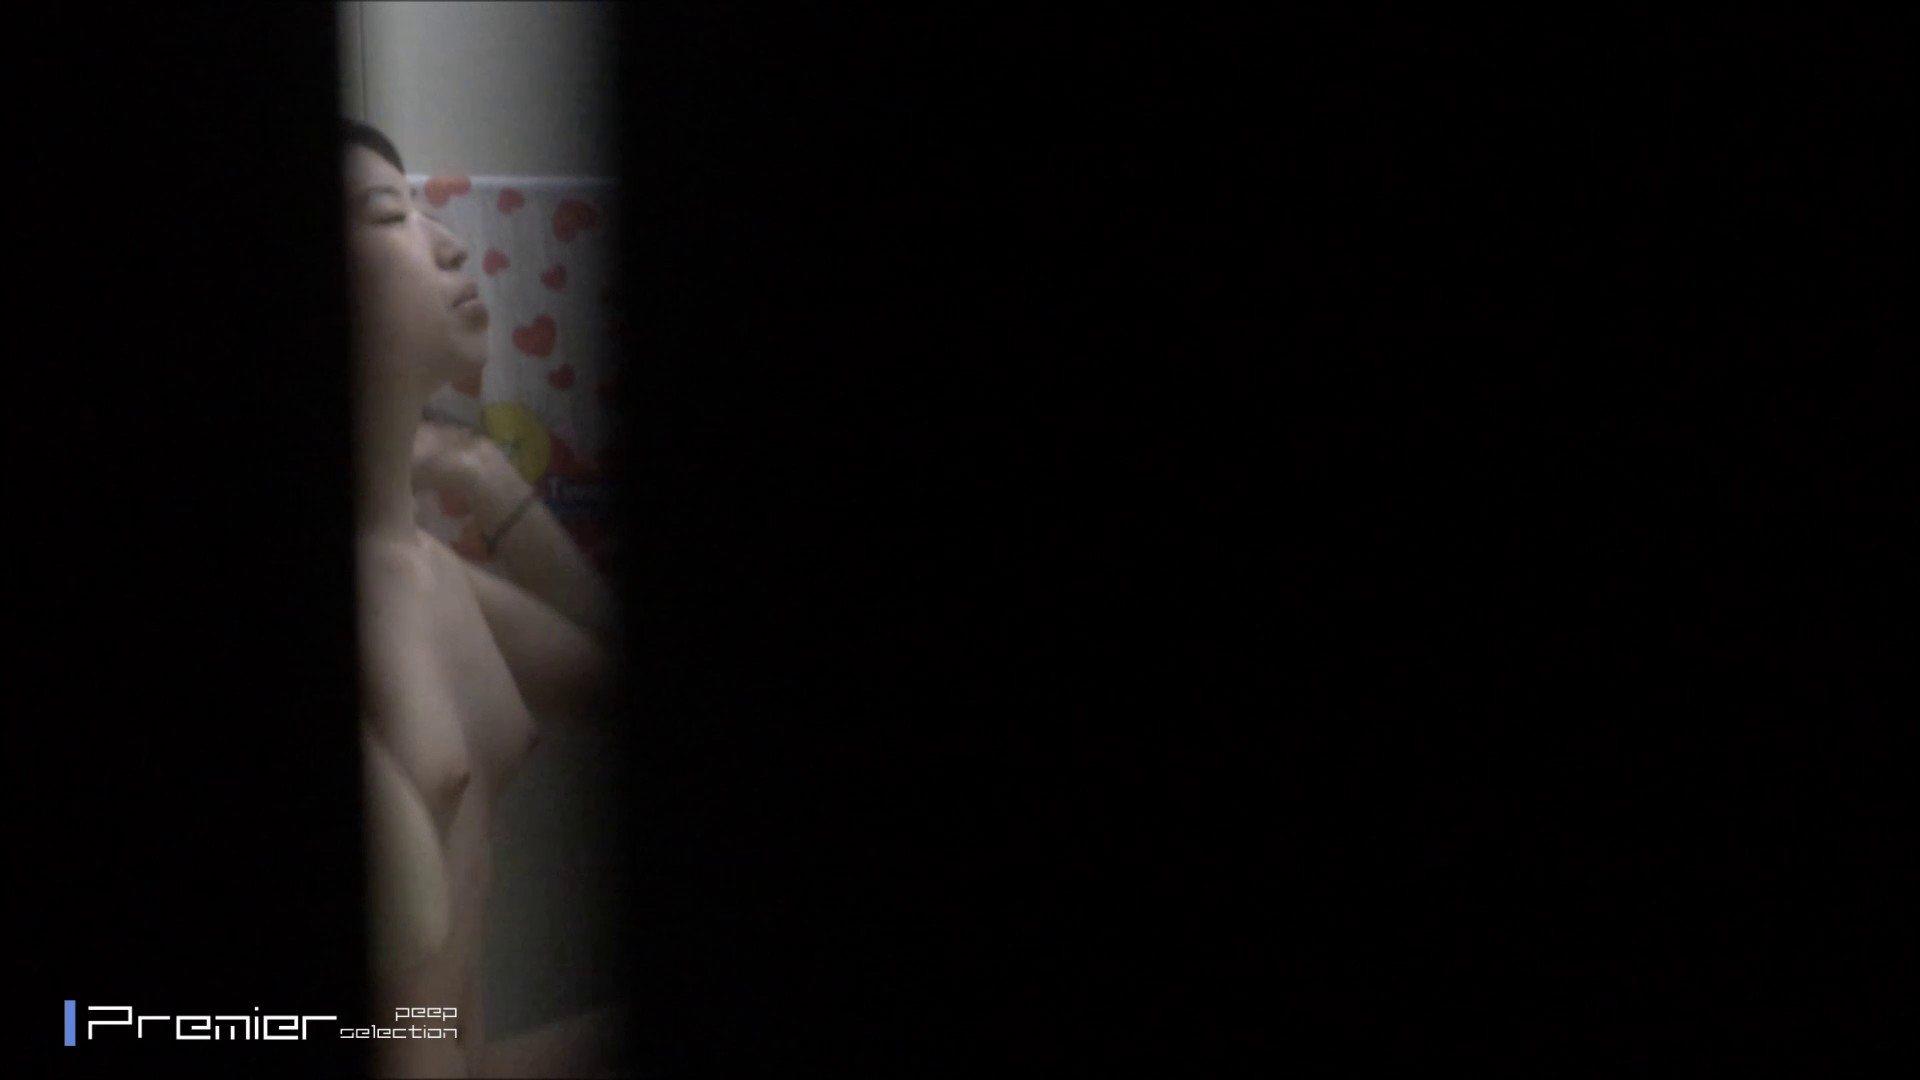 笑顔のスポーツ美女 乙女の風呂場 Vol.23 乙女ちゃん AV無料動画キャプチャ 54連発 18